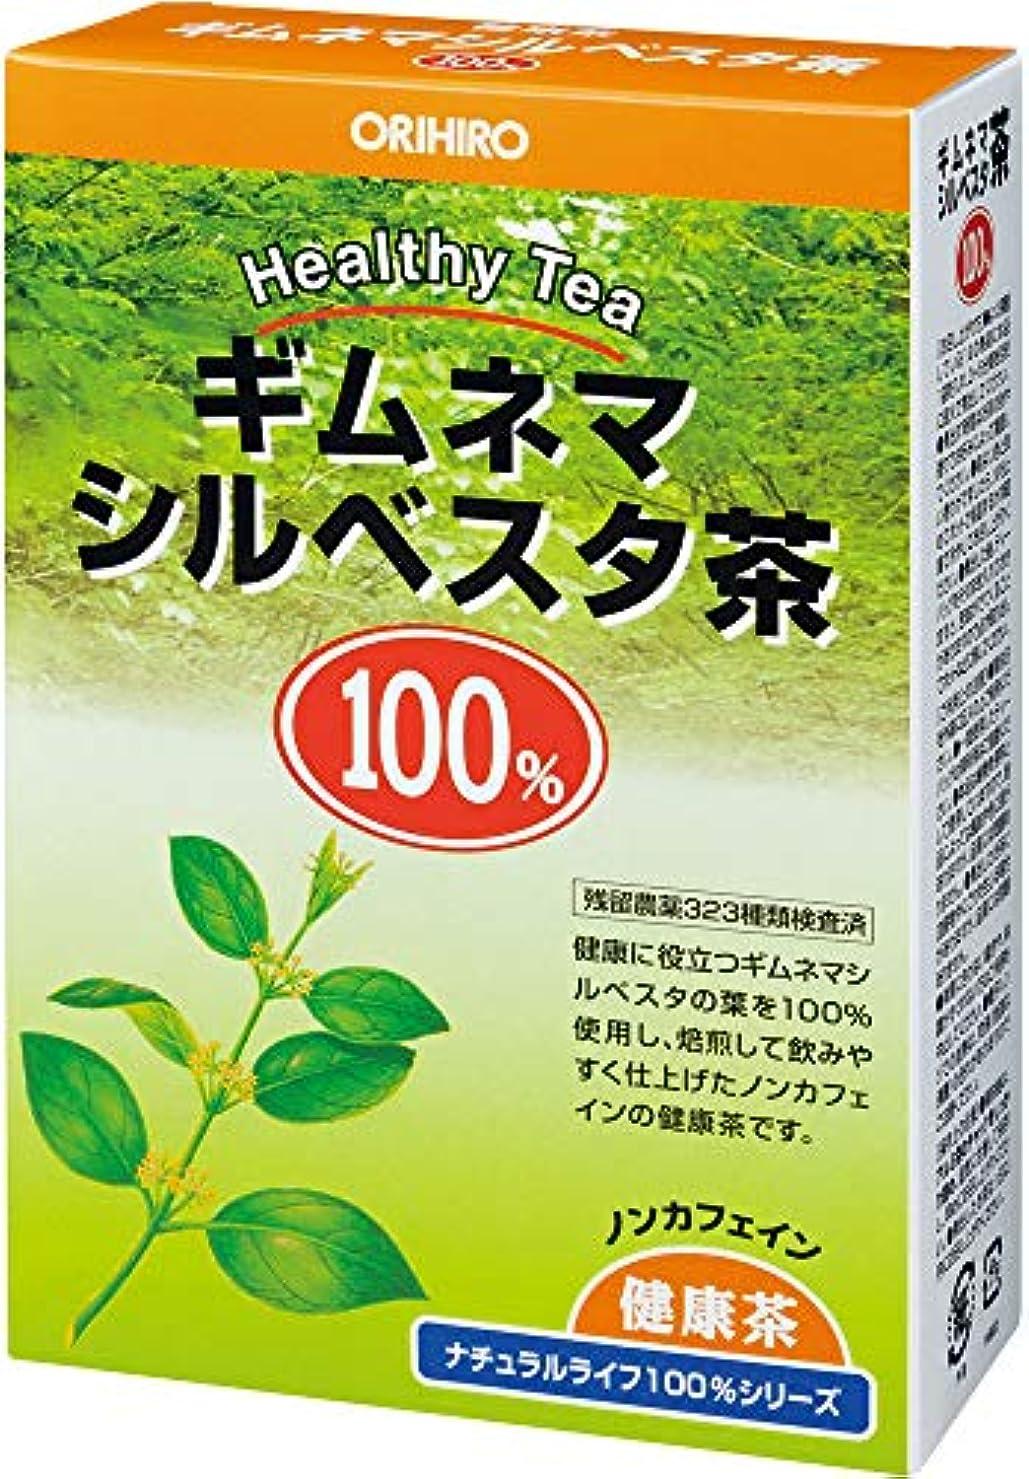 絶え間ない批判するダイヤモンドオリヒロ NLティー 100% ギムネマシルベスタ茶 2.5g×26包